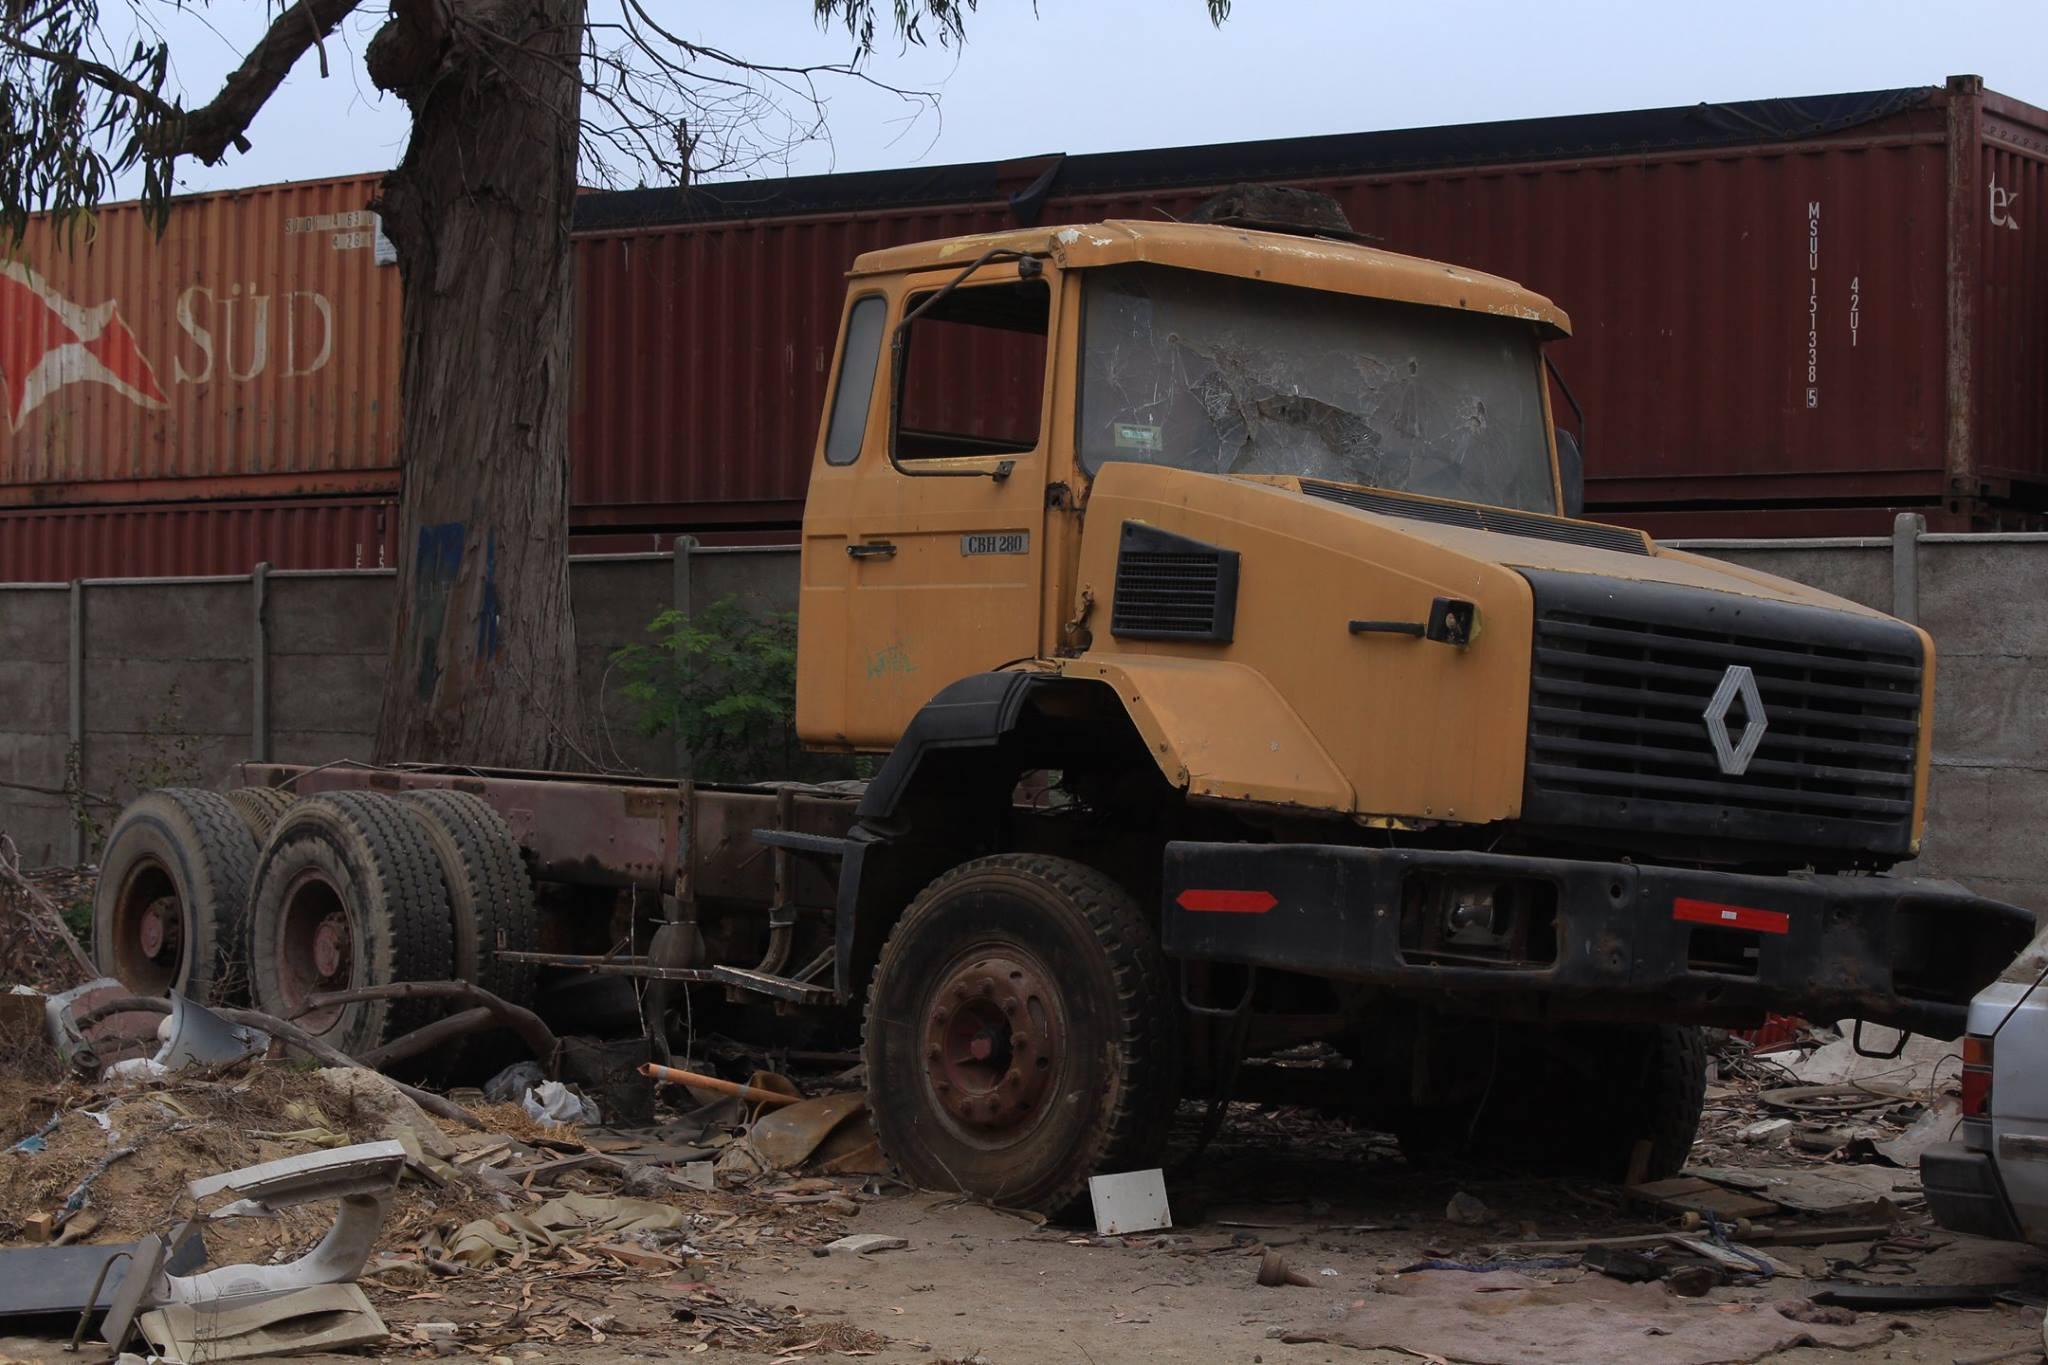 Camiones-vieja-escuela-olvidados-2